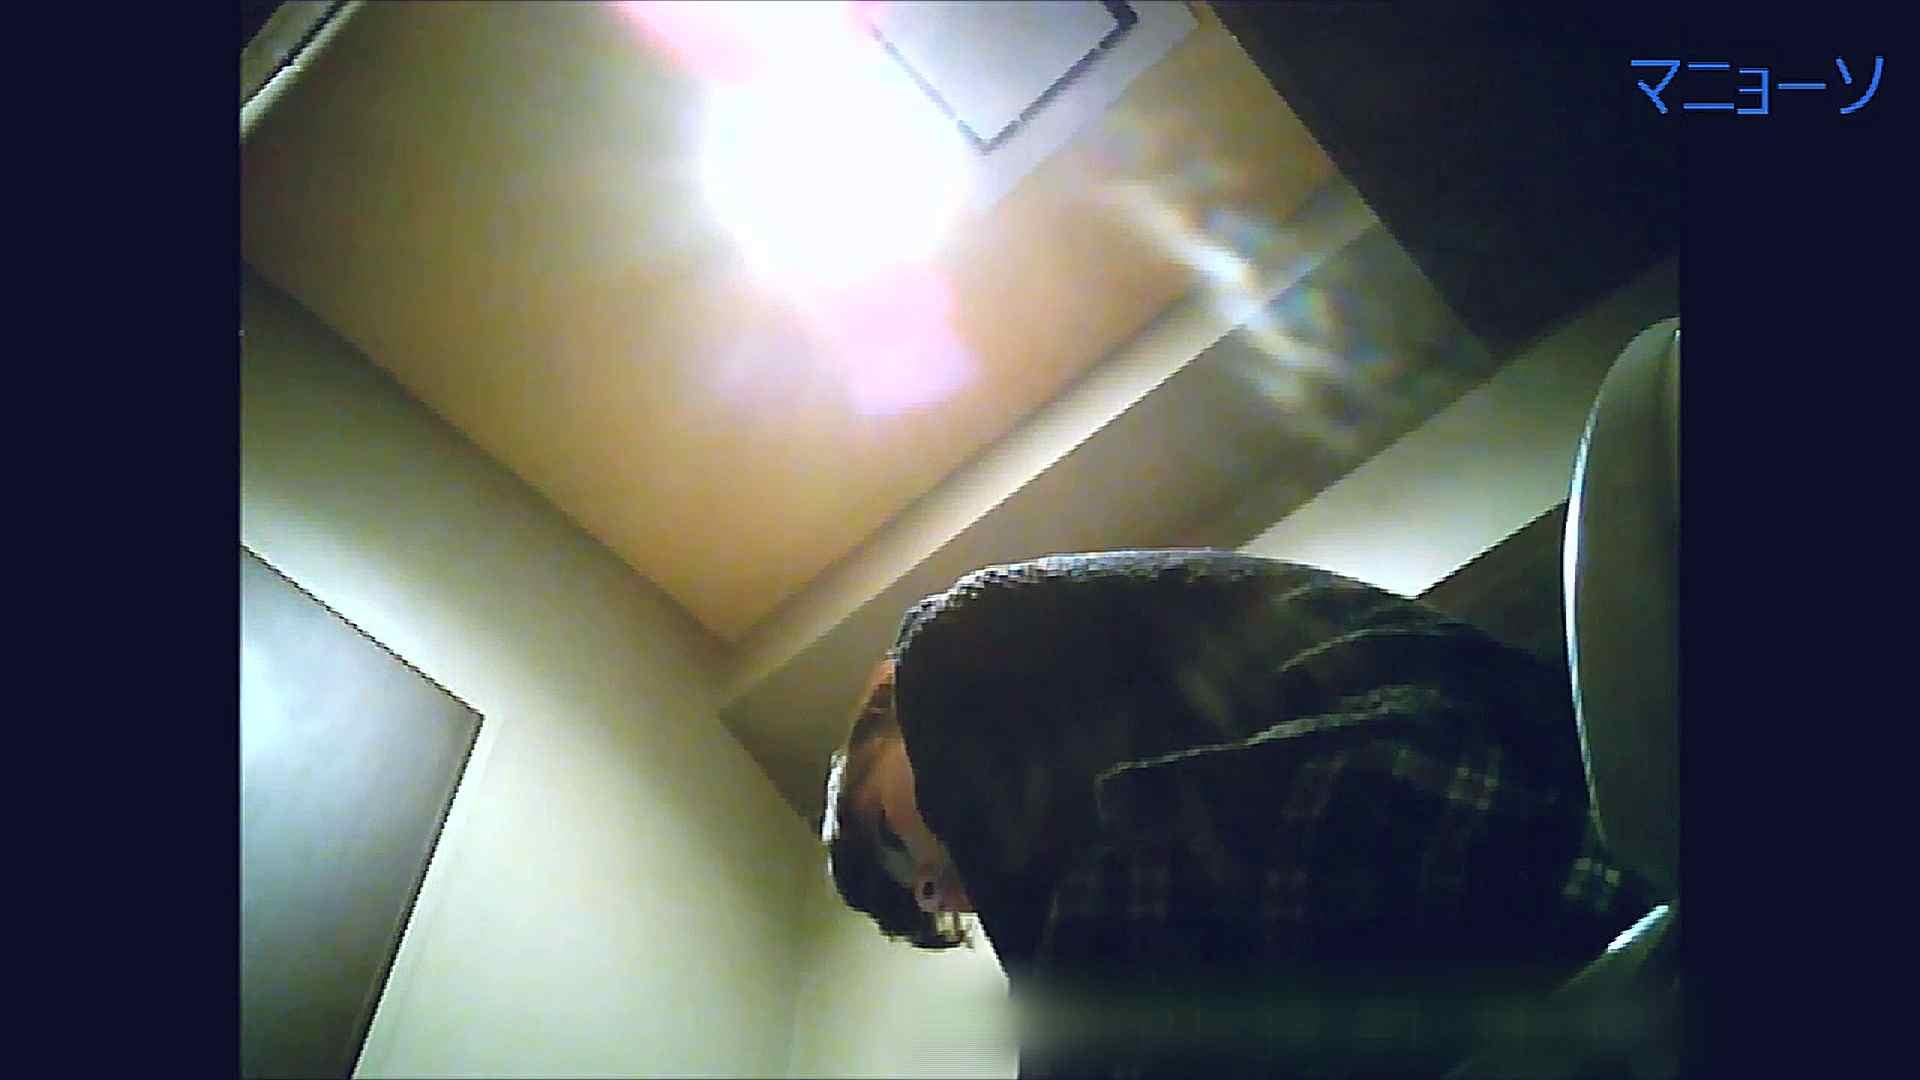 トイレでひと肌脱いでもらいました (OL編)Vol.13 OLのボディ | トイレの実態  87PIX 15